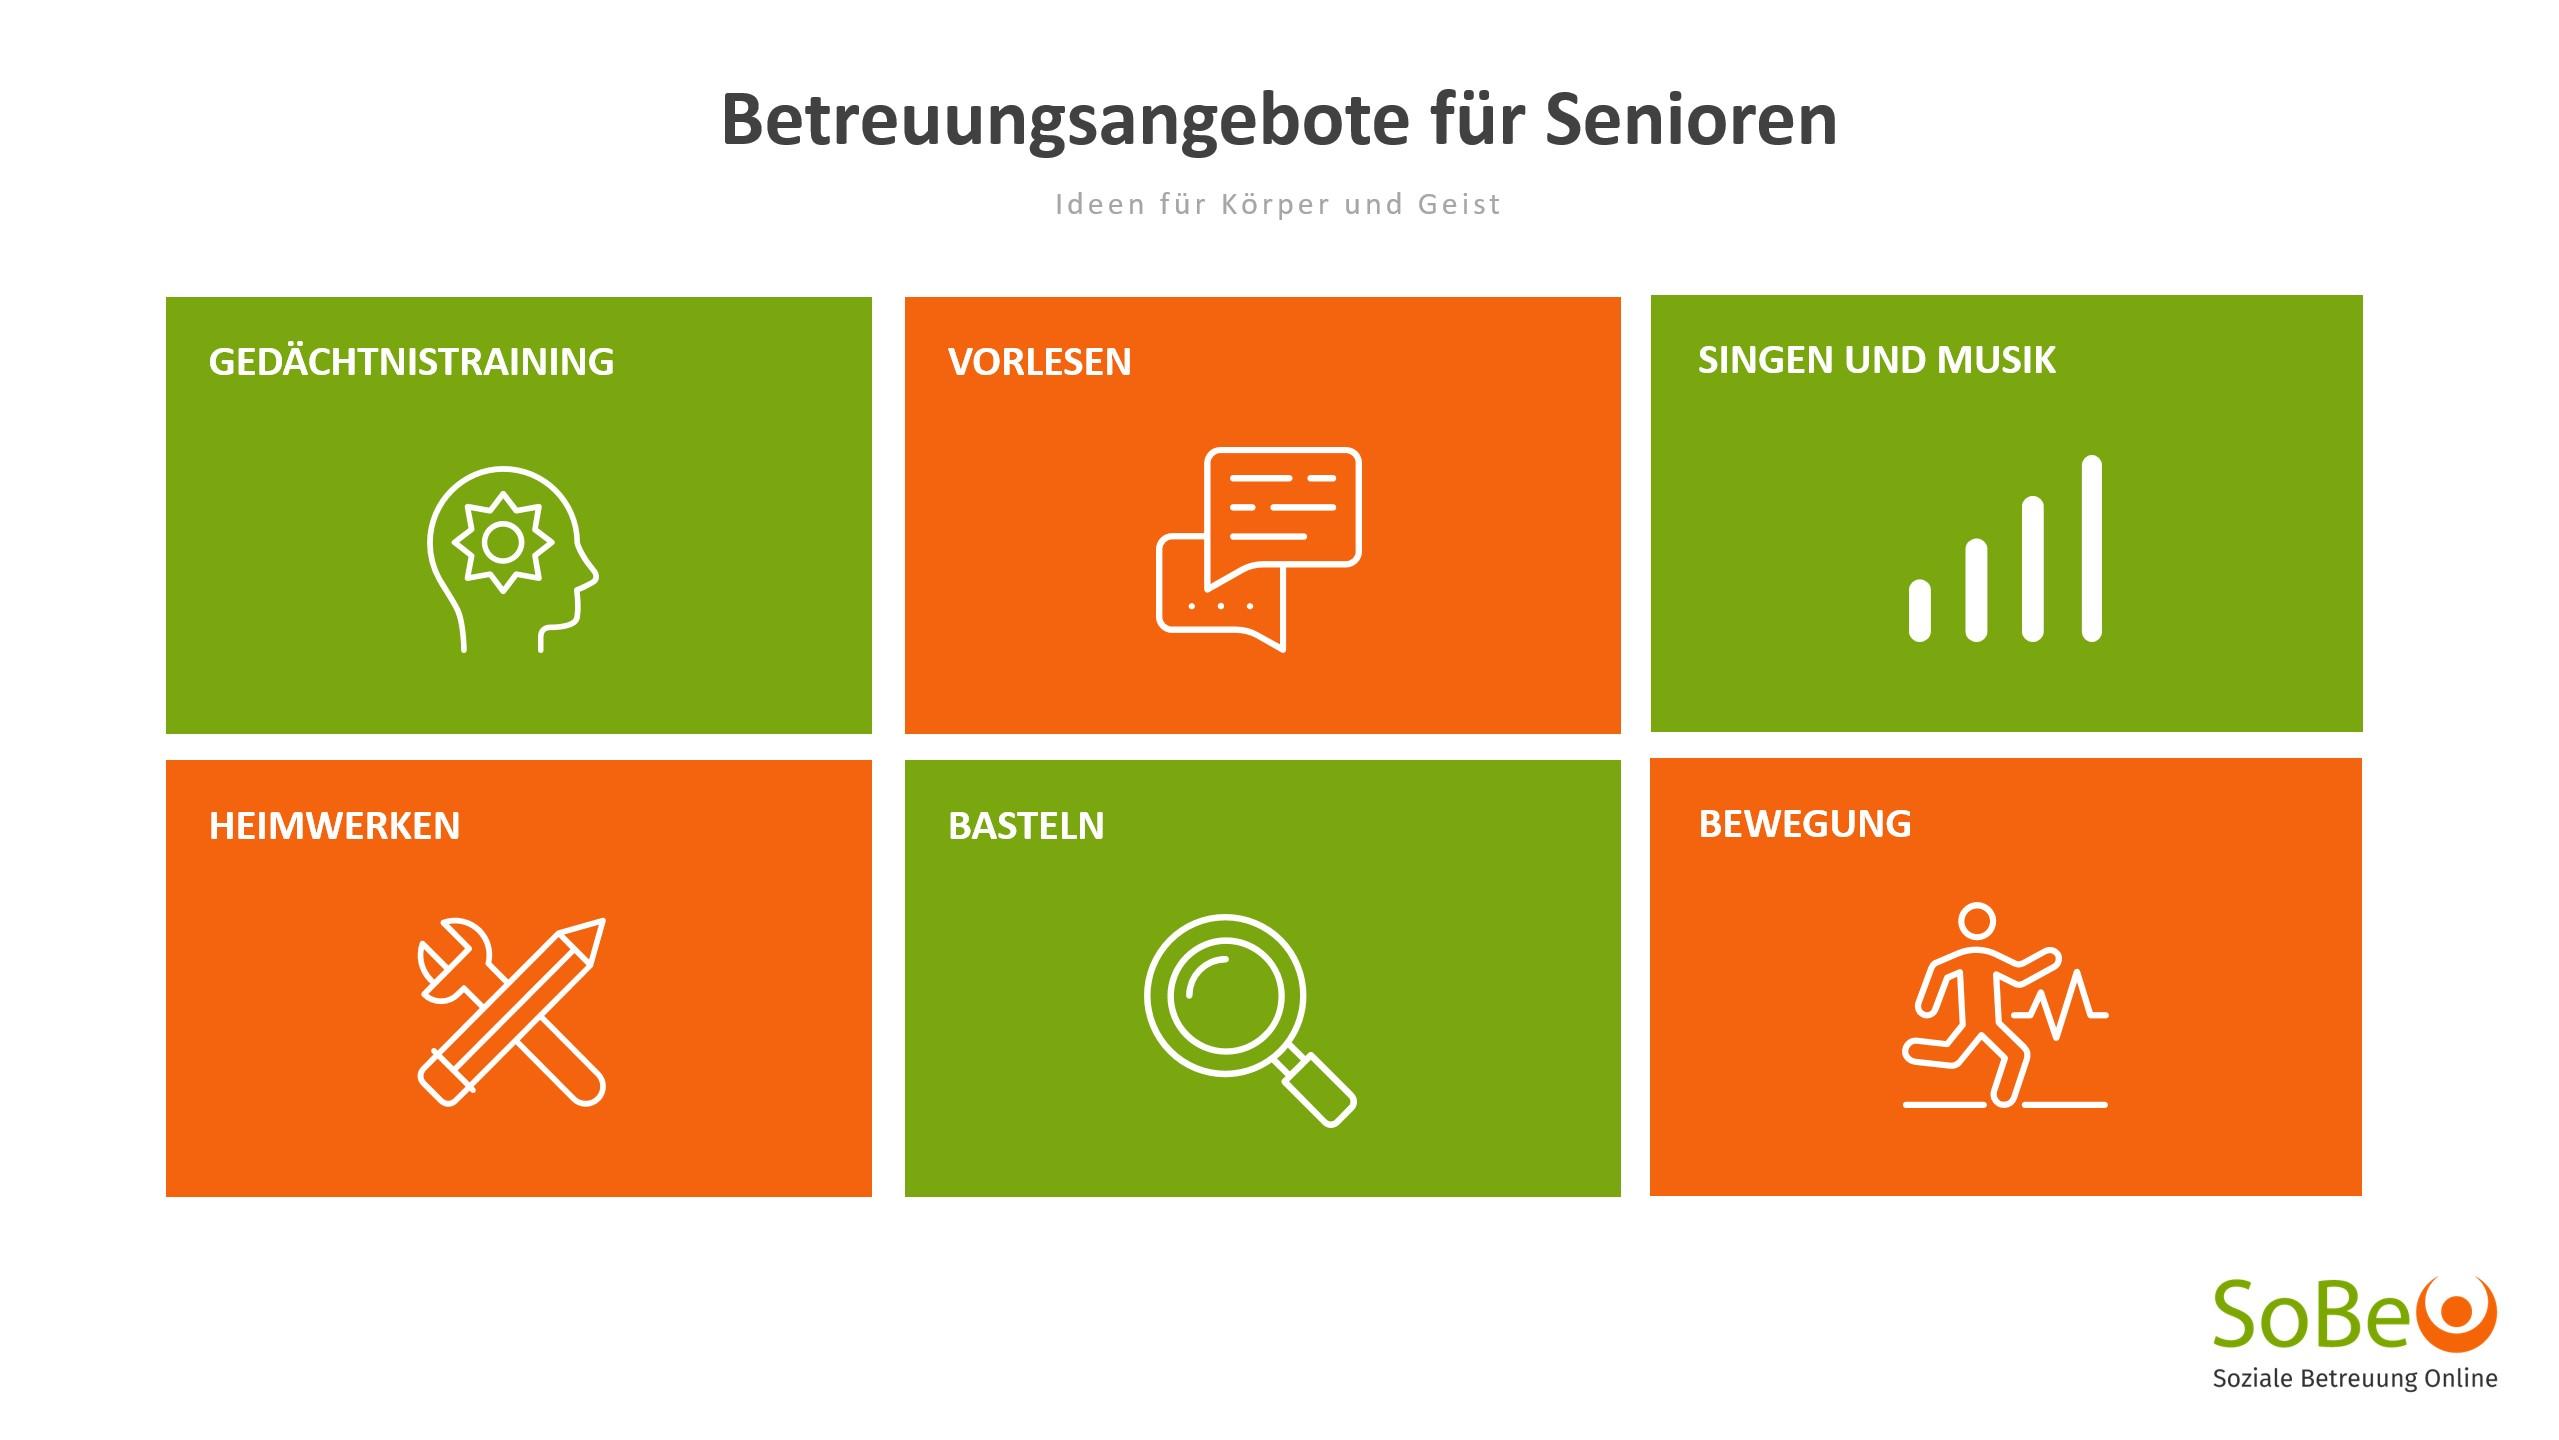 Tipps für Senioren, Betreuung von Senioren, Senioren beschäftigen